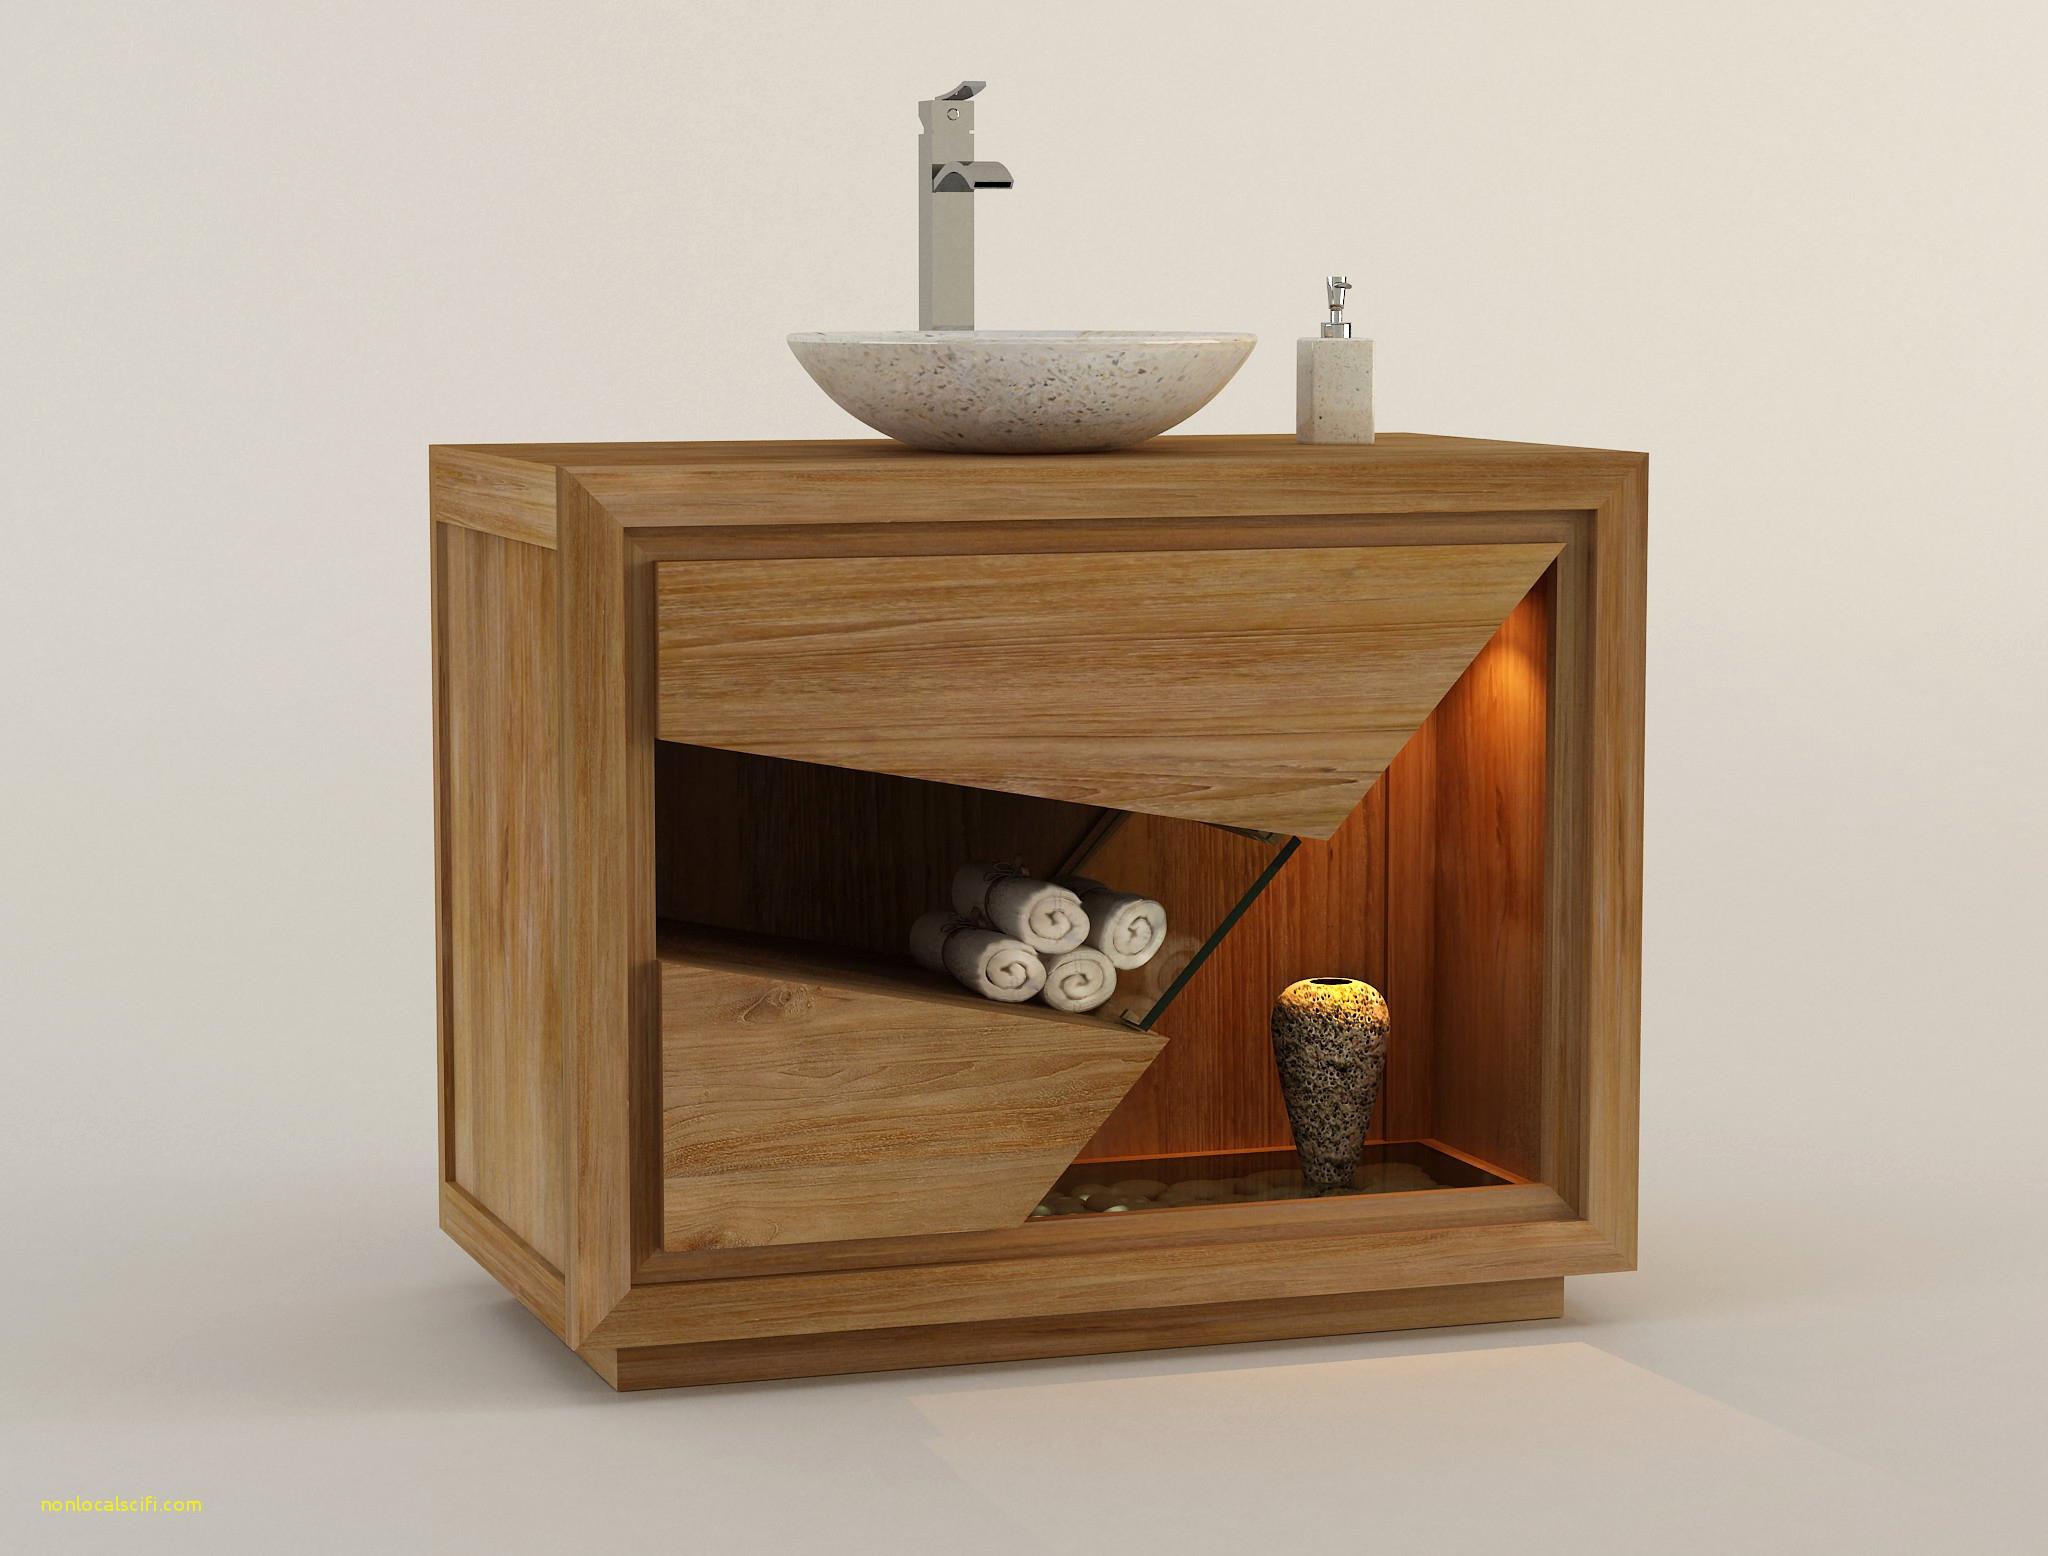 Double Vasque Ikea Frais Photos Résultat Supérieur 100 Luxe Meuble sous Lavabo Bois Galerie 2018